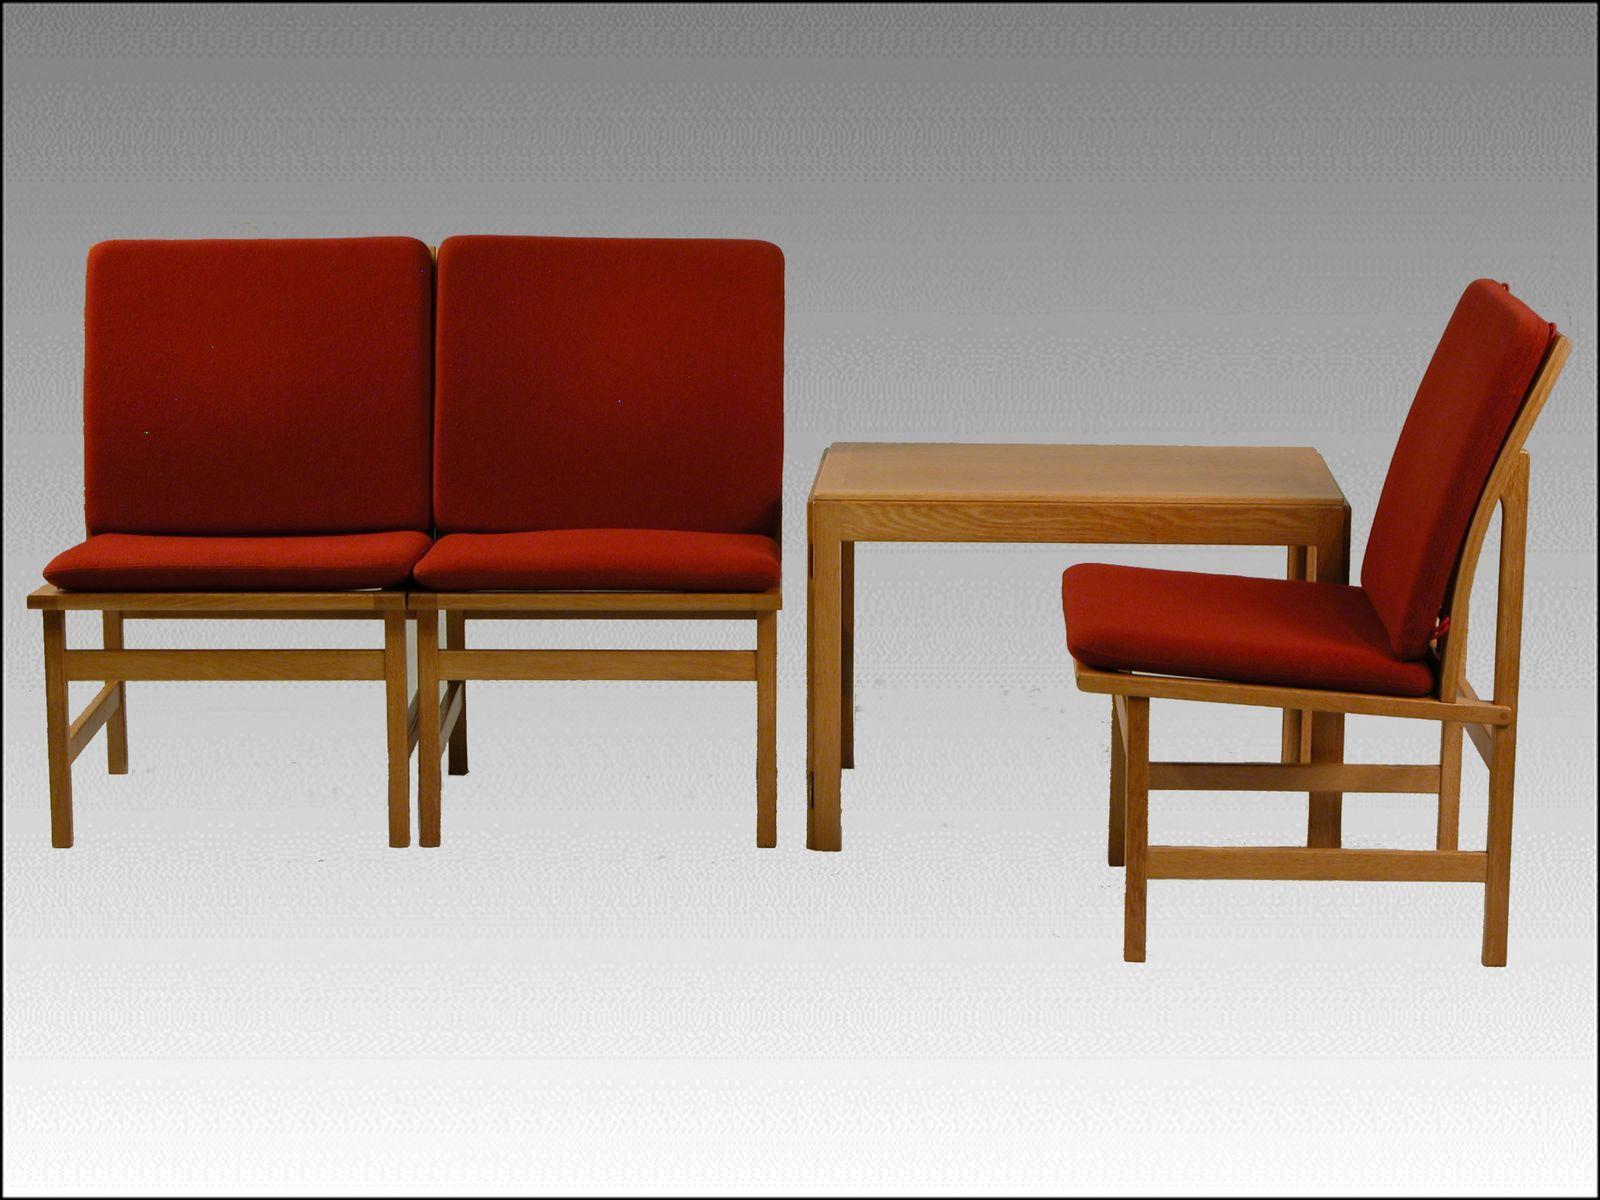 Design Sessel Leder Holz Hukla Relaxsessel Ersatzteile Barcelona Sessel Gunstig Kaufen Fernsehsessel Lede Mit Bildern Sessel Gunstig Stuhl Design Fernsehsessel Leder